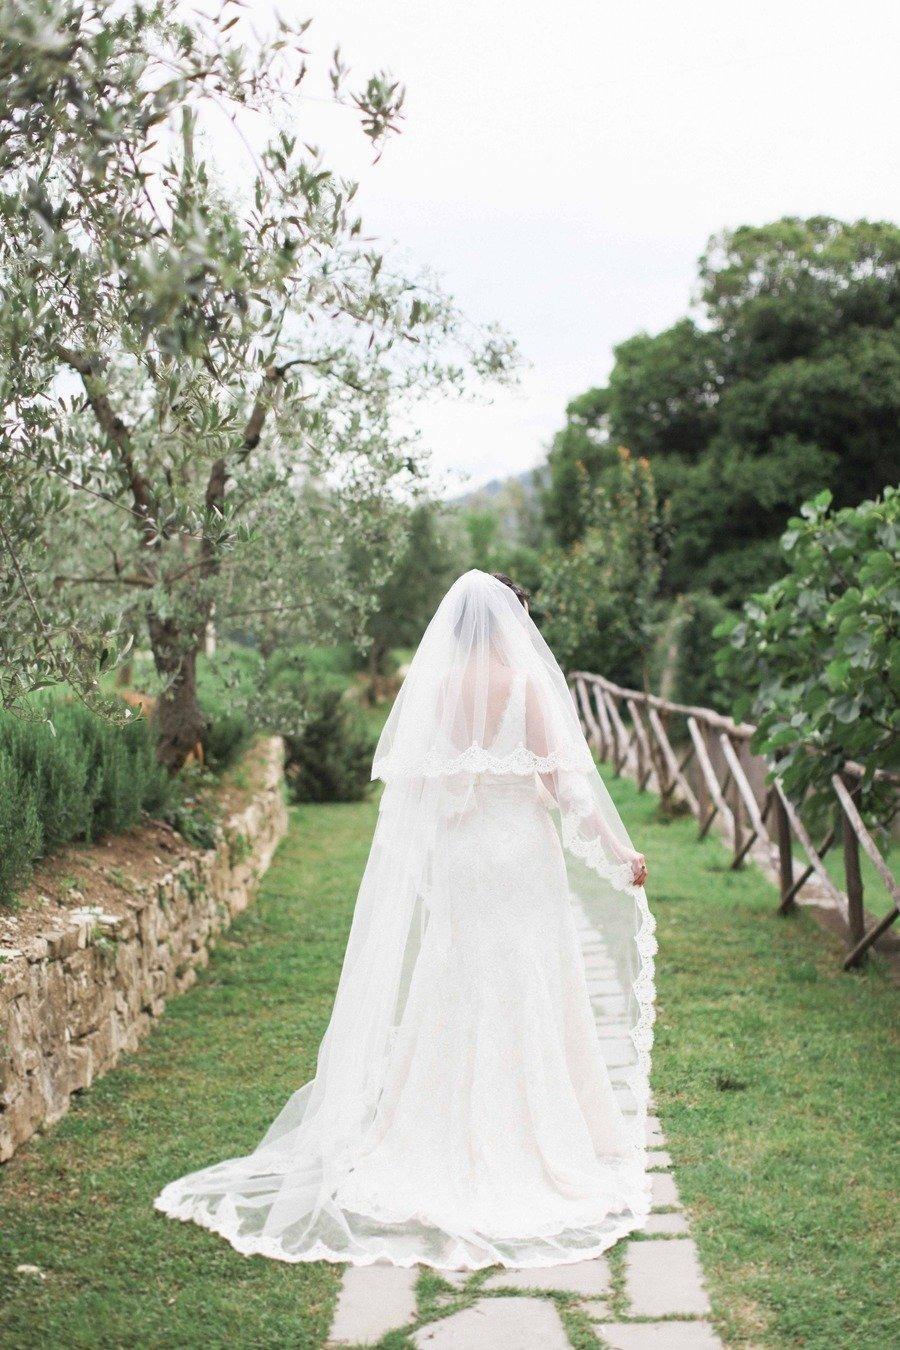 bridal veils,wedding veils